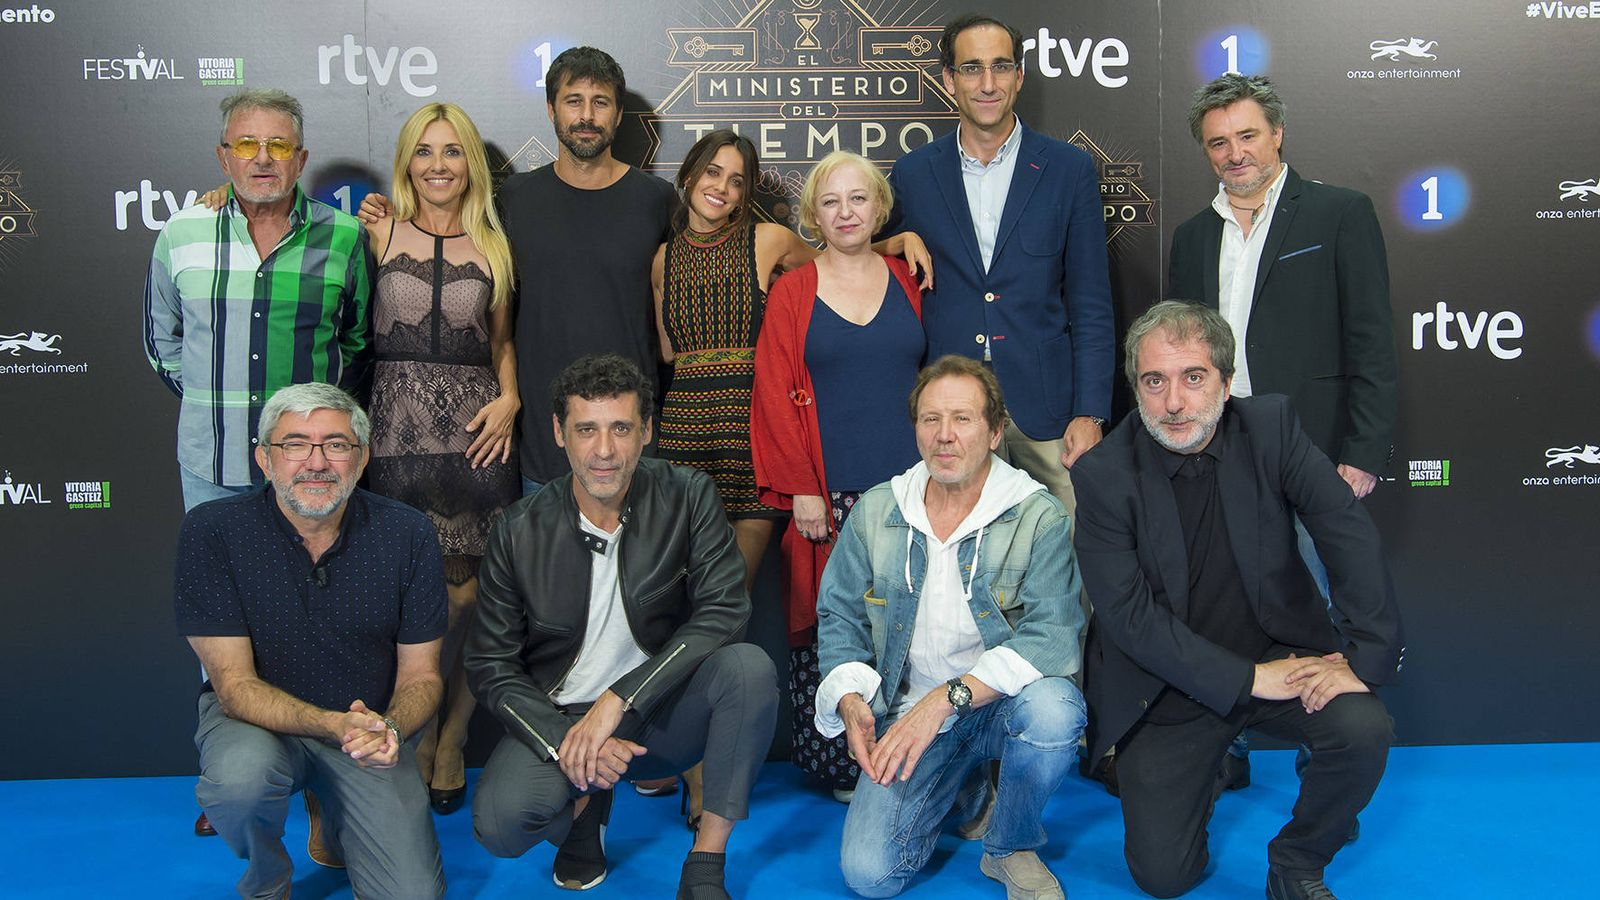 Foto: El equipo de 'El Ministerio del Tiempo' en Vitoria-Gasteiz. (RTVE)